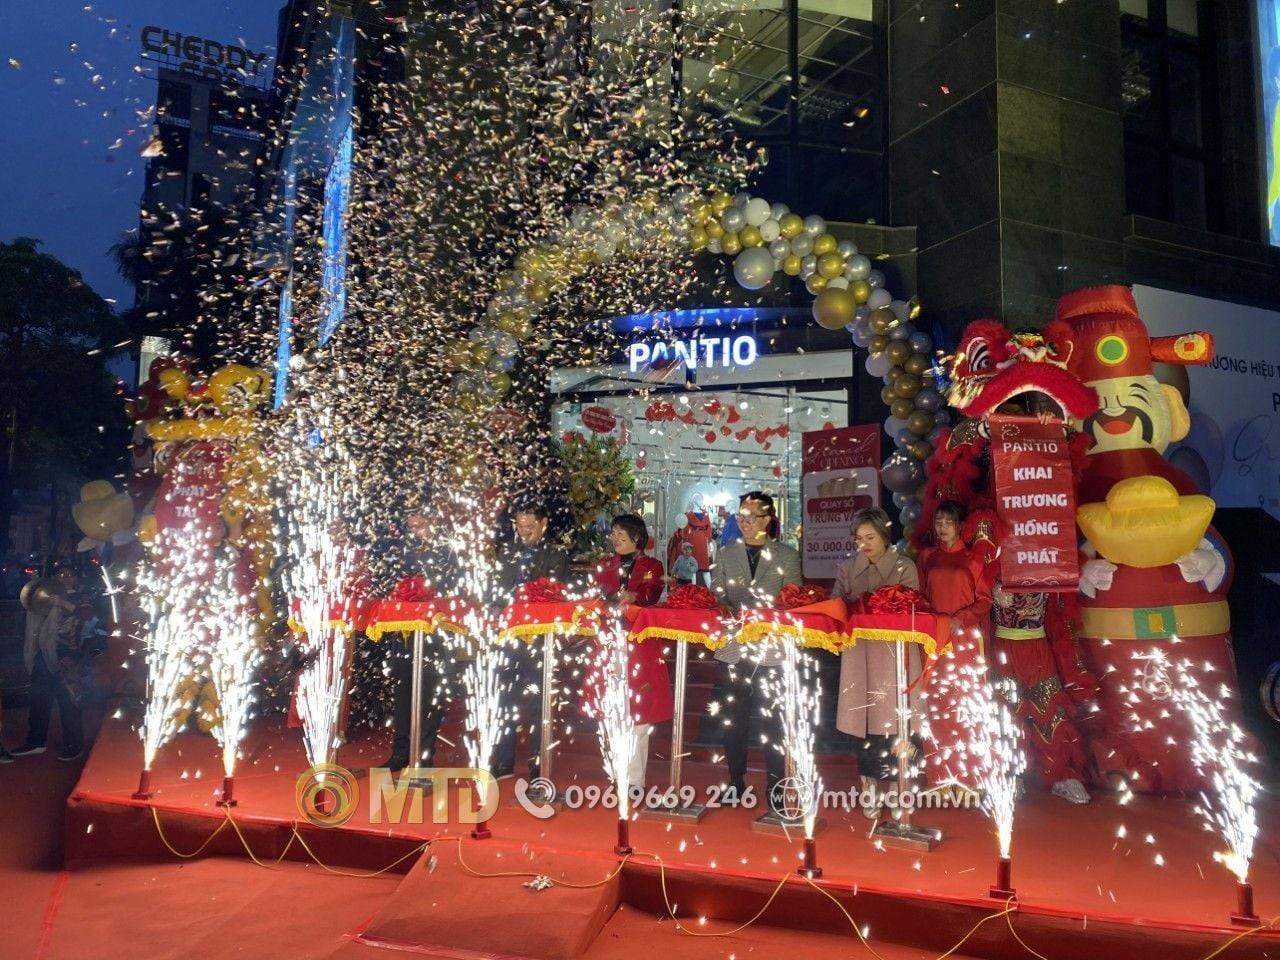 khai_trương-Pantio